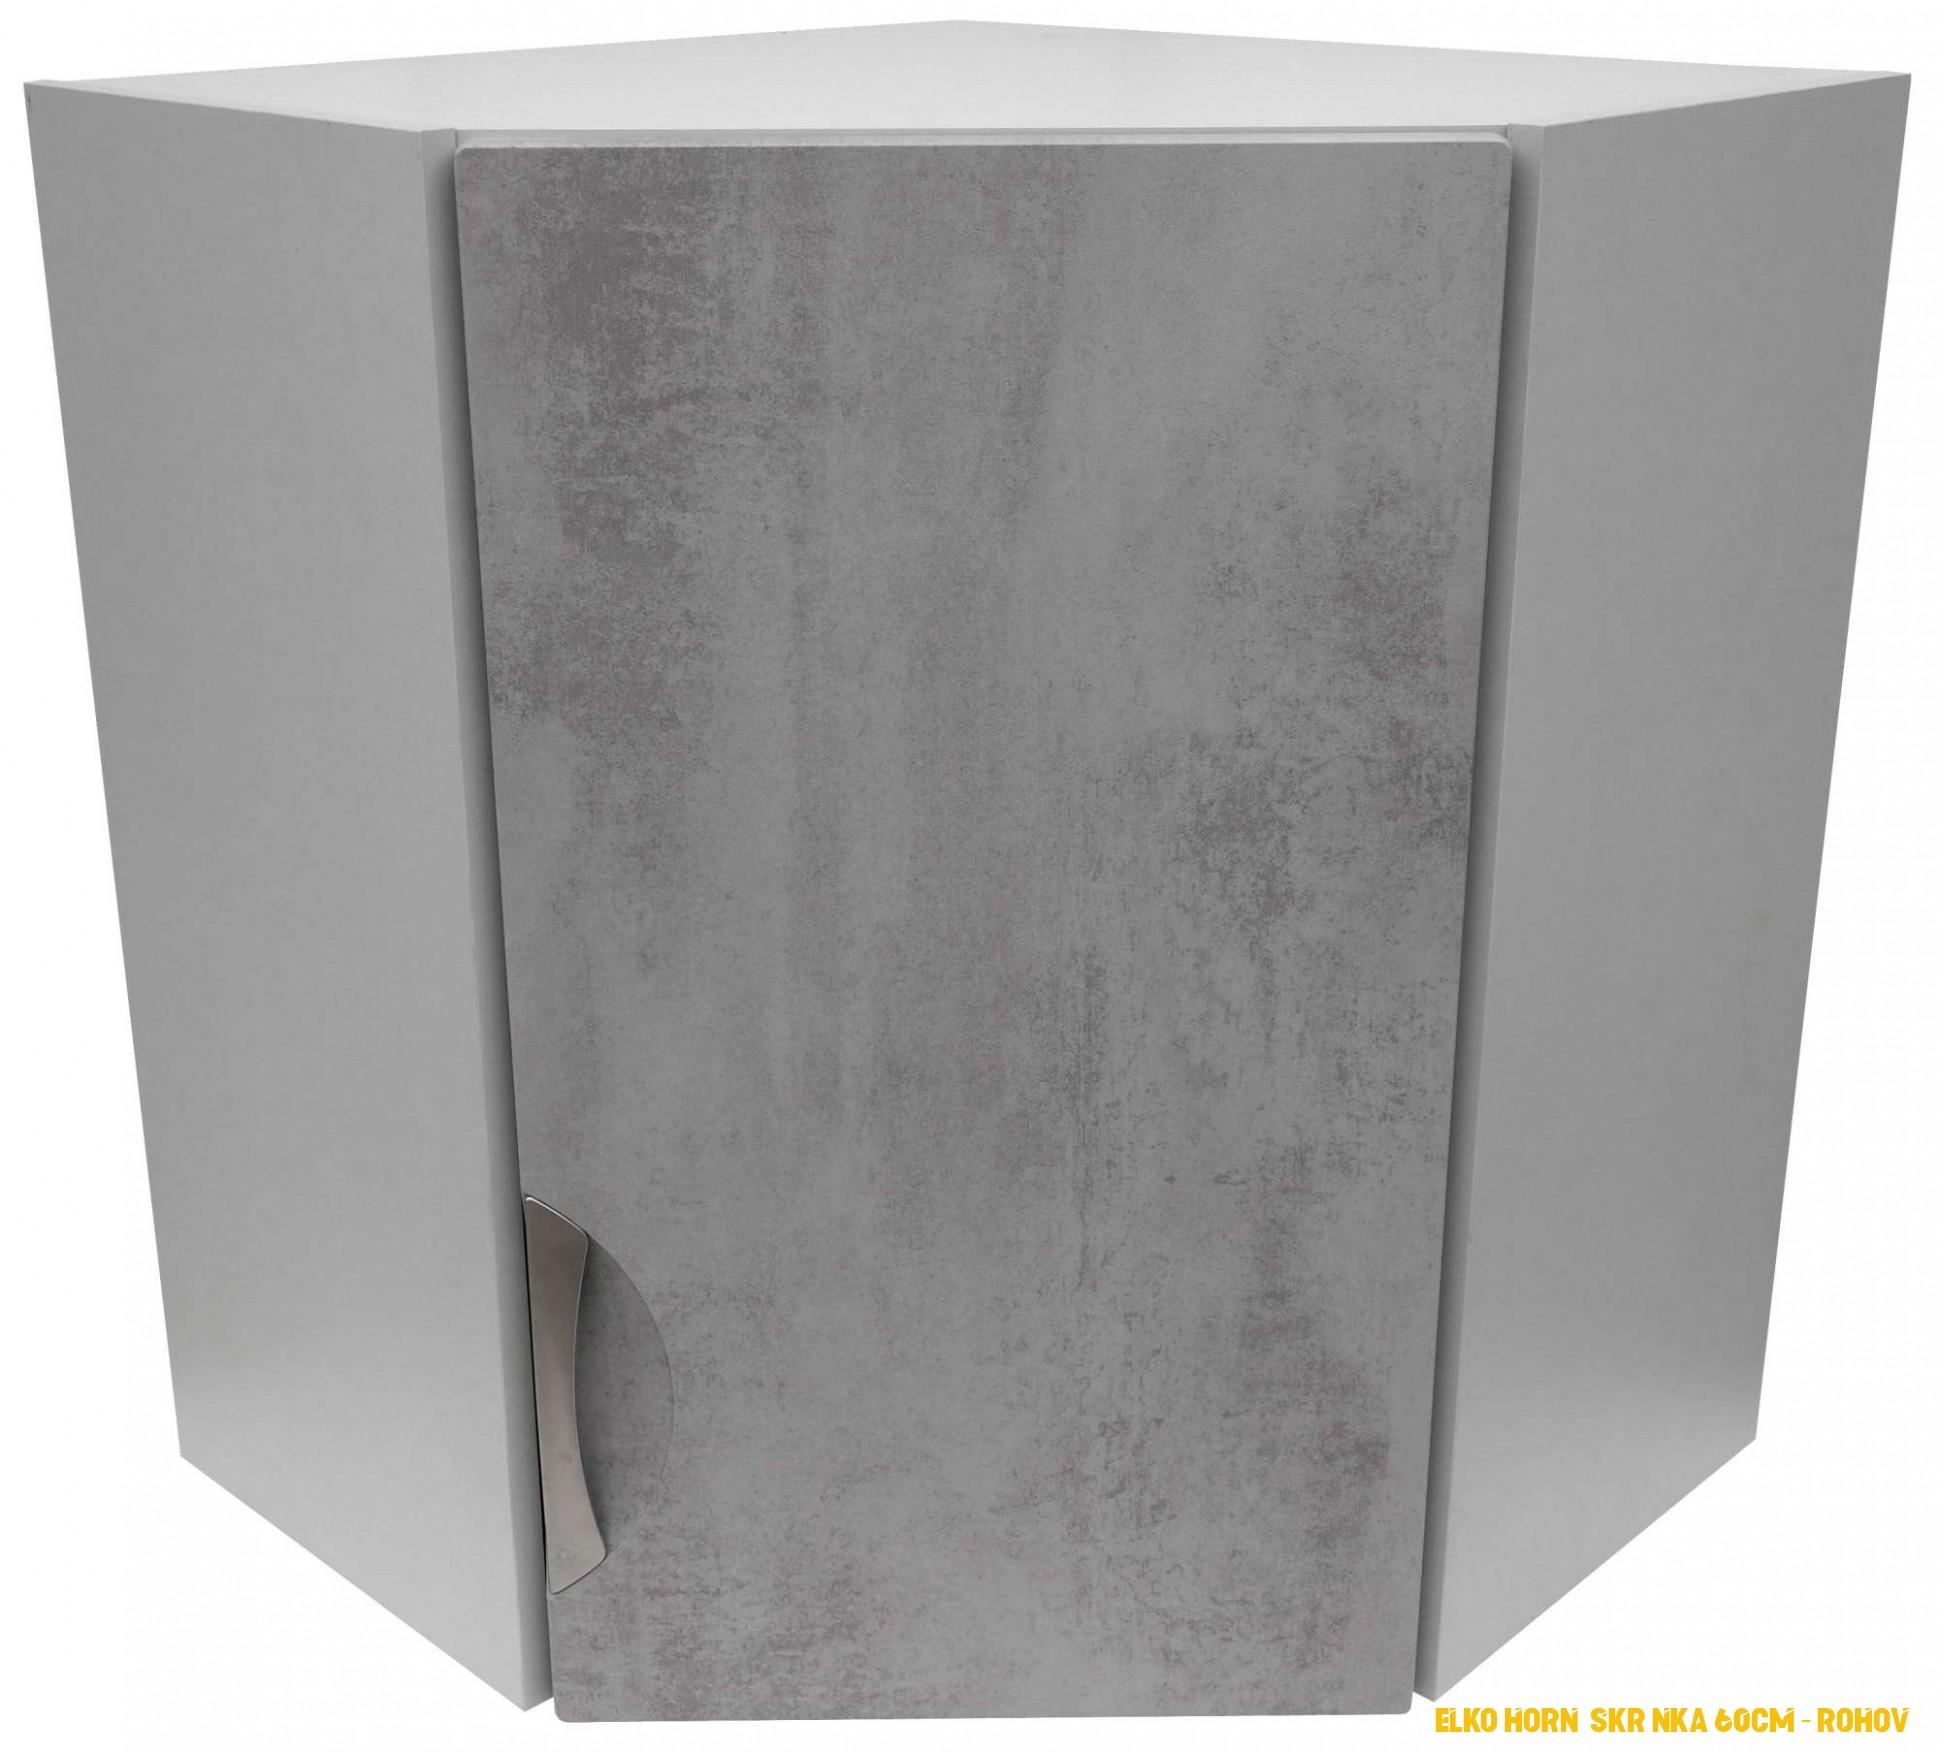 ELKO horní skrínka 60cm – rohová